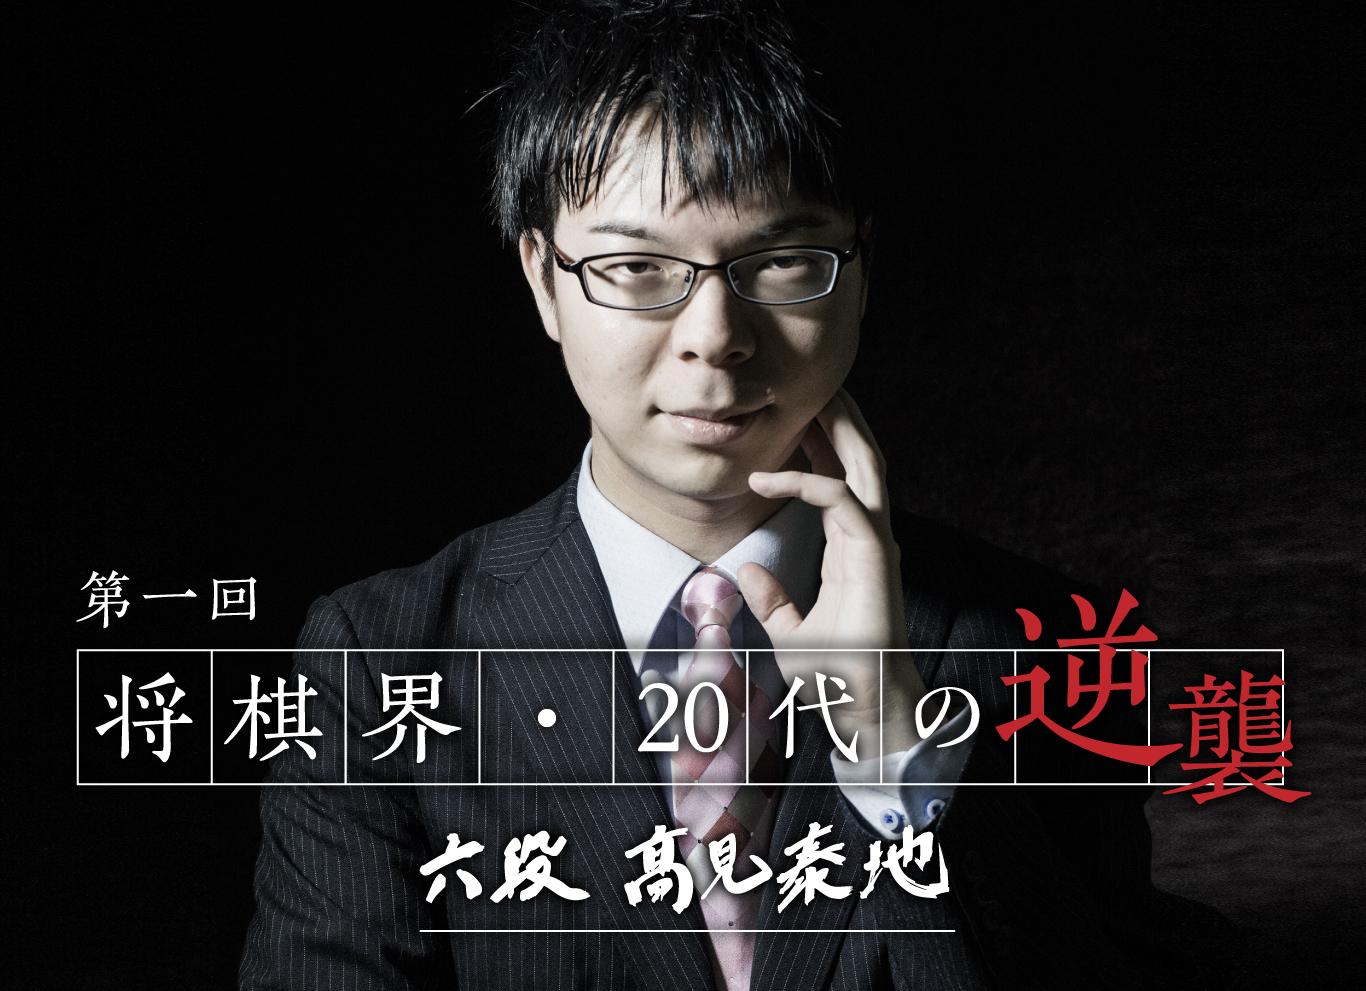 [画像] みんなが彼を好きになる。虜になる。人に優しく将棋に熱く。棋士・高見泰地 24歳。